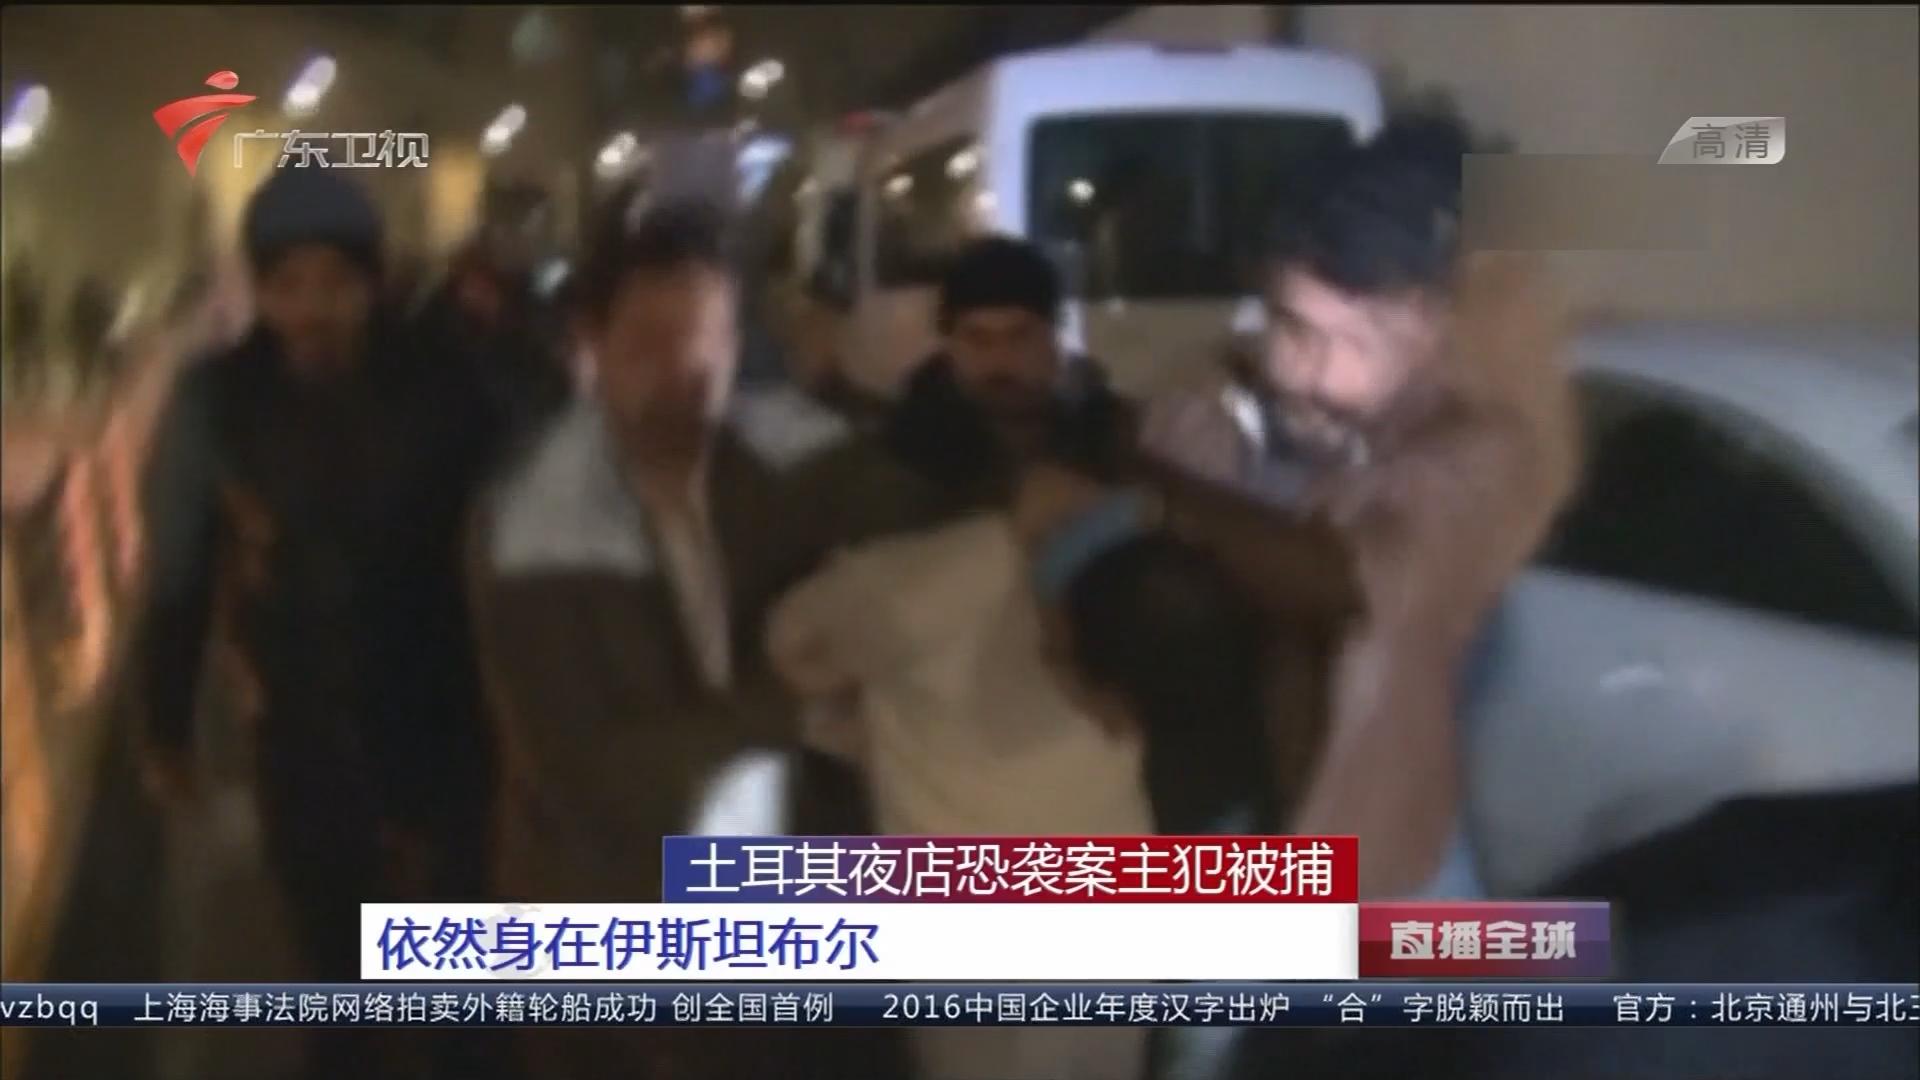 土耳其夜店恐袭案主犯被捕:依然身在伊斯坦布尔